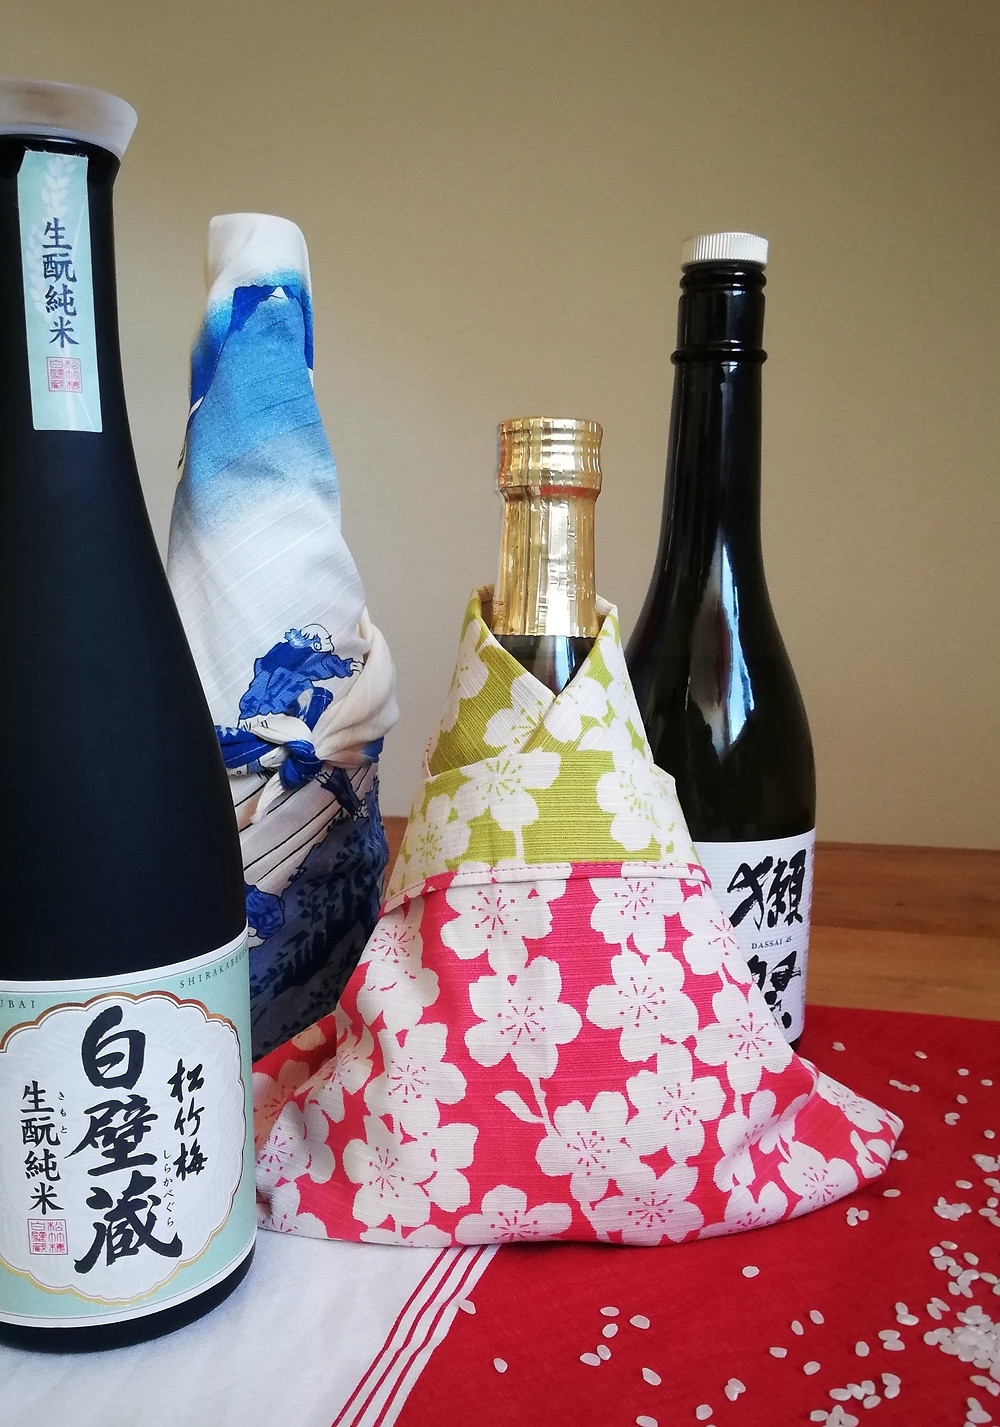 Zusetsu furoshiki gift-wrapping bottles of wine and sake